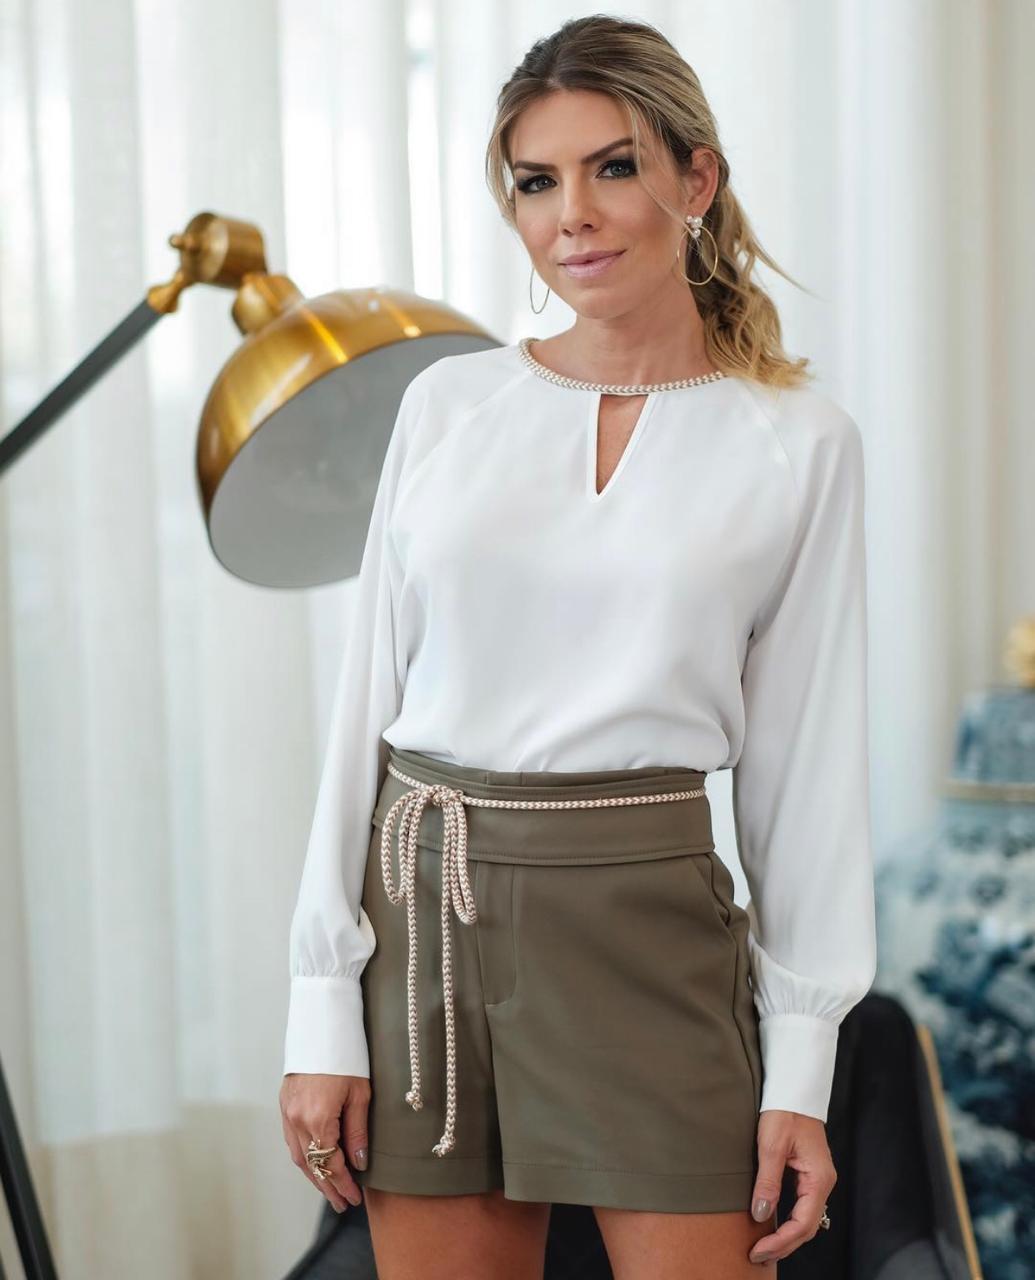 Blusa Viviane Crepe Detalhe Trançado Decote Cores Off, Preto e TERRA COTA